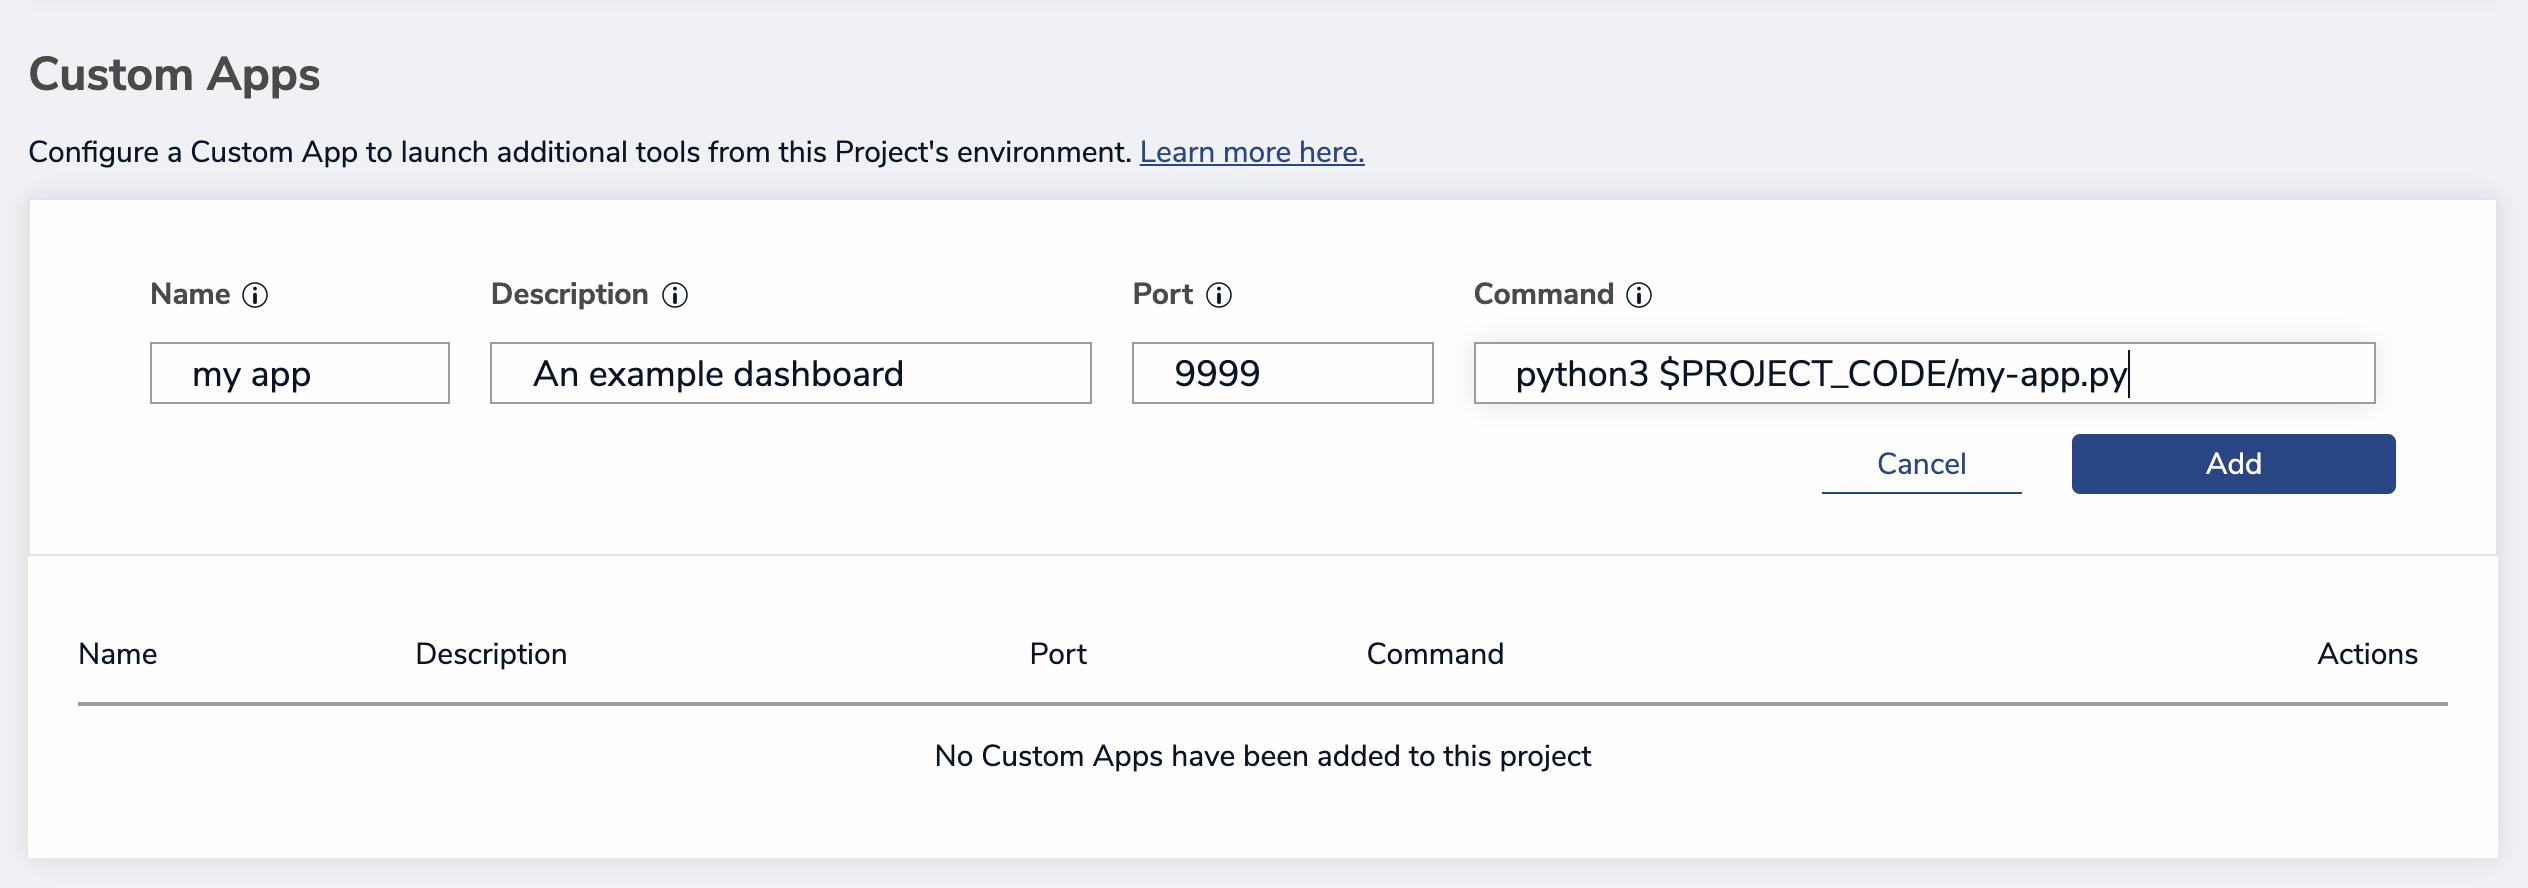 Adding a new App via the Custom App widget